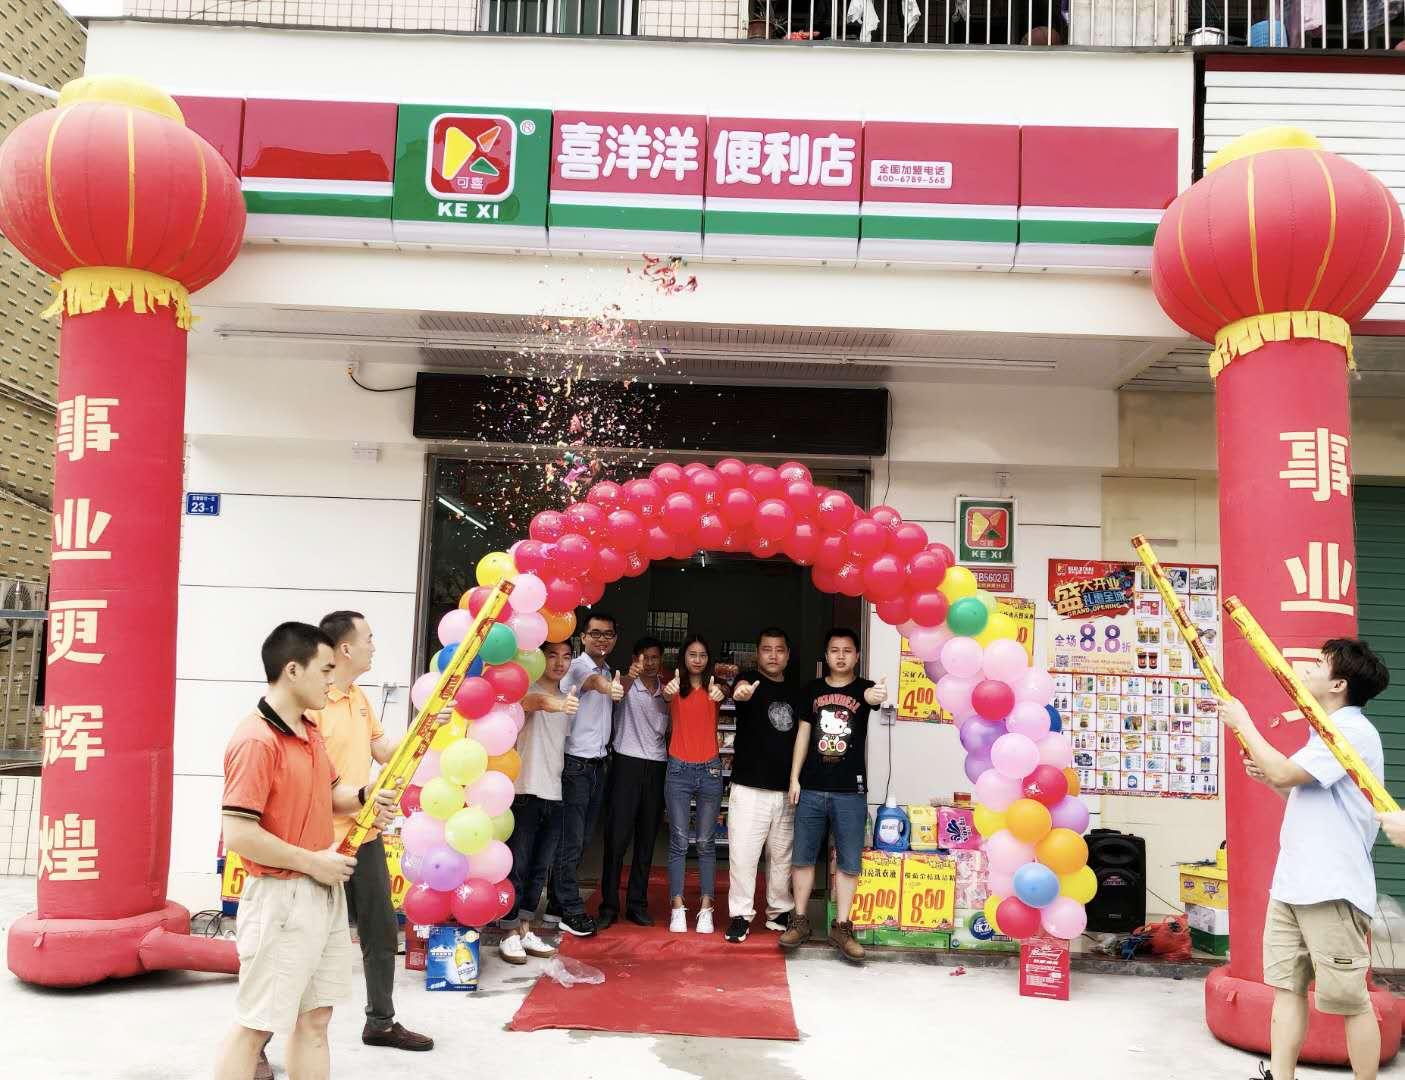 喜洋洋便利店全体员工恭祝龙岗浪背分店4月29日隆重开业